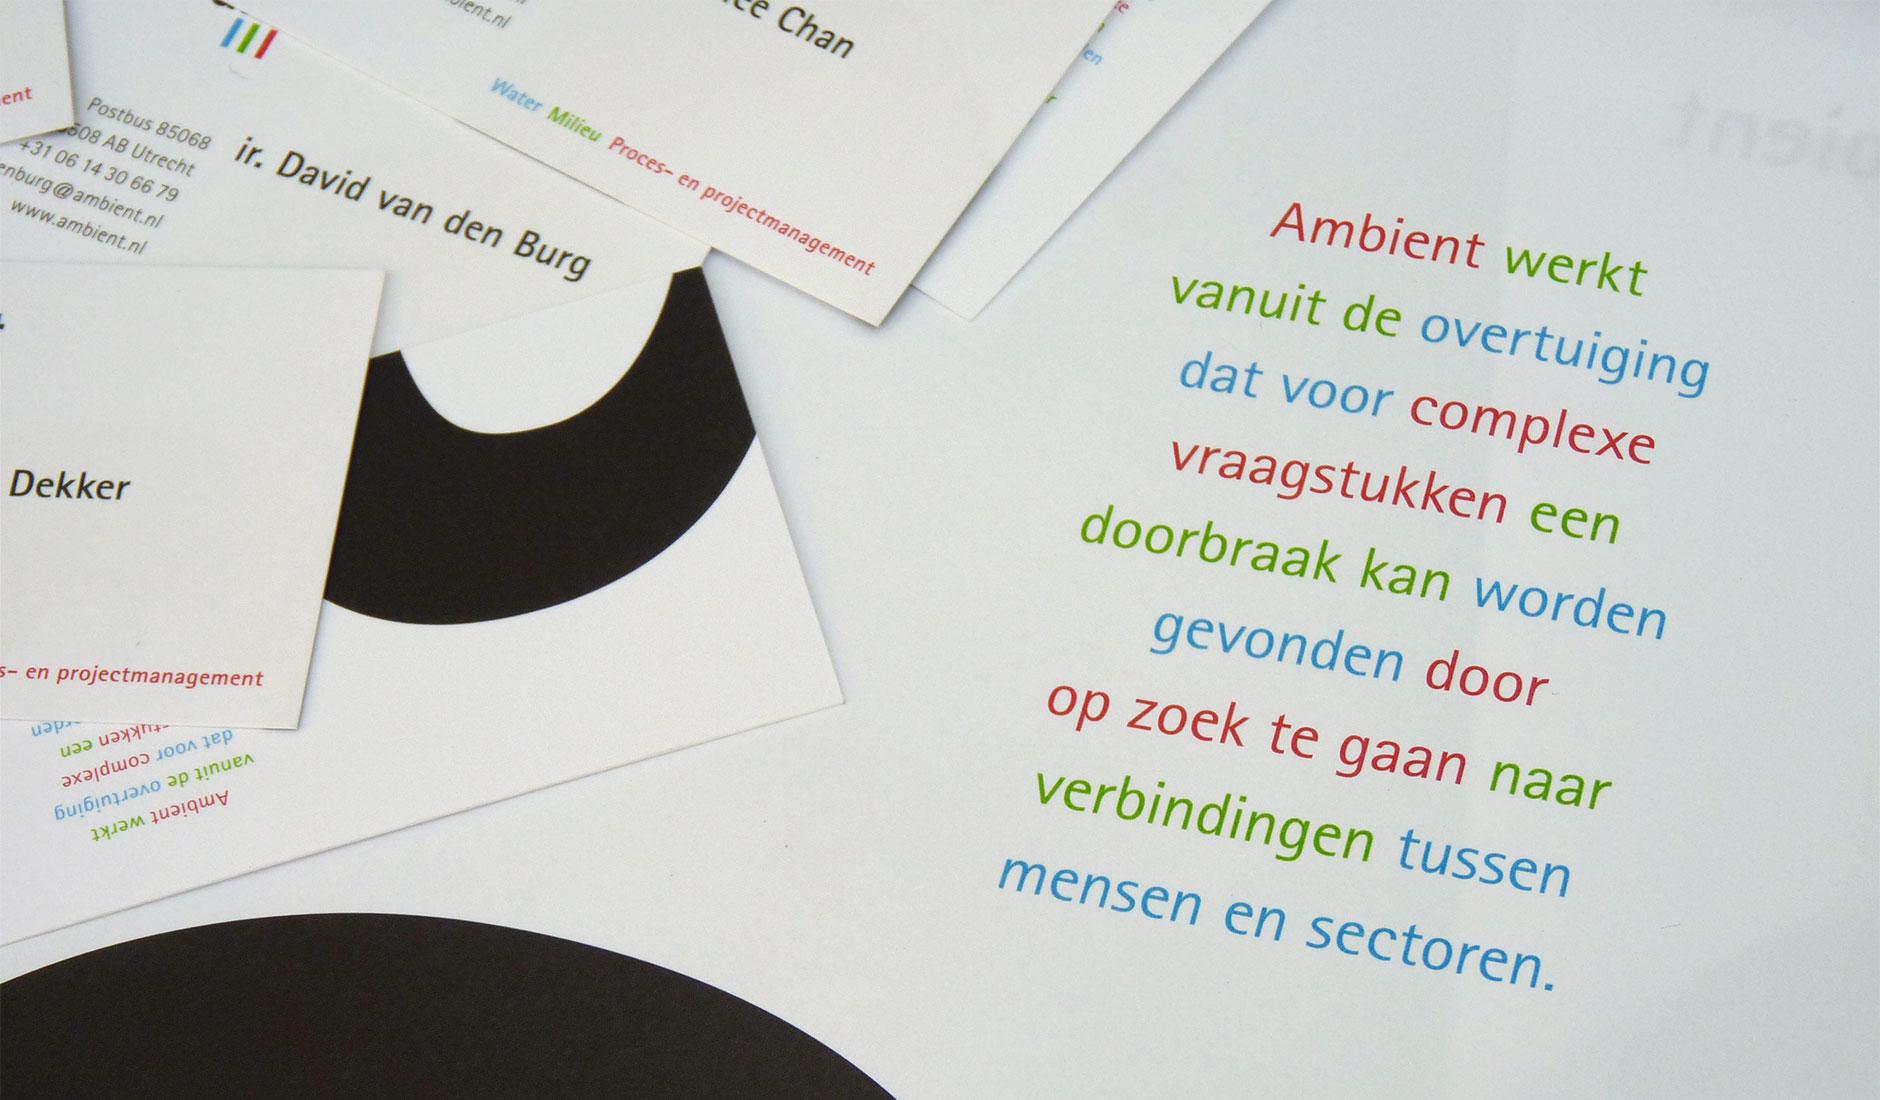 Ontwerp voor visitekaartjes en briefpapier Ambient